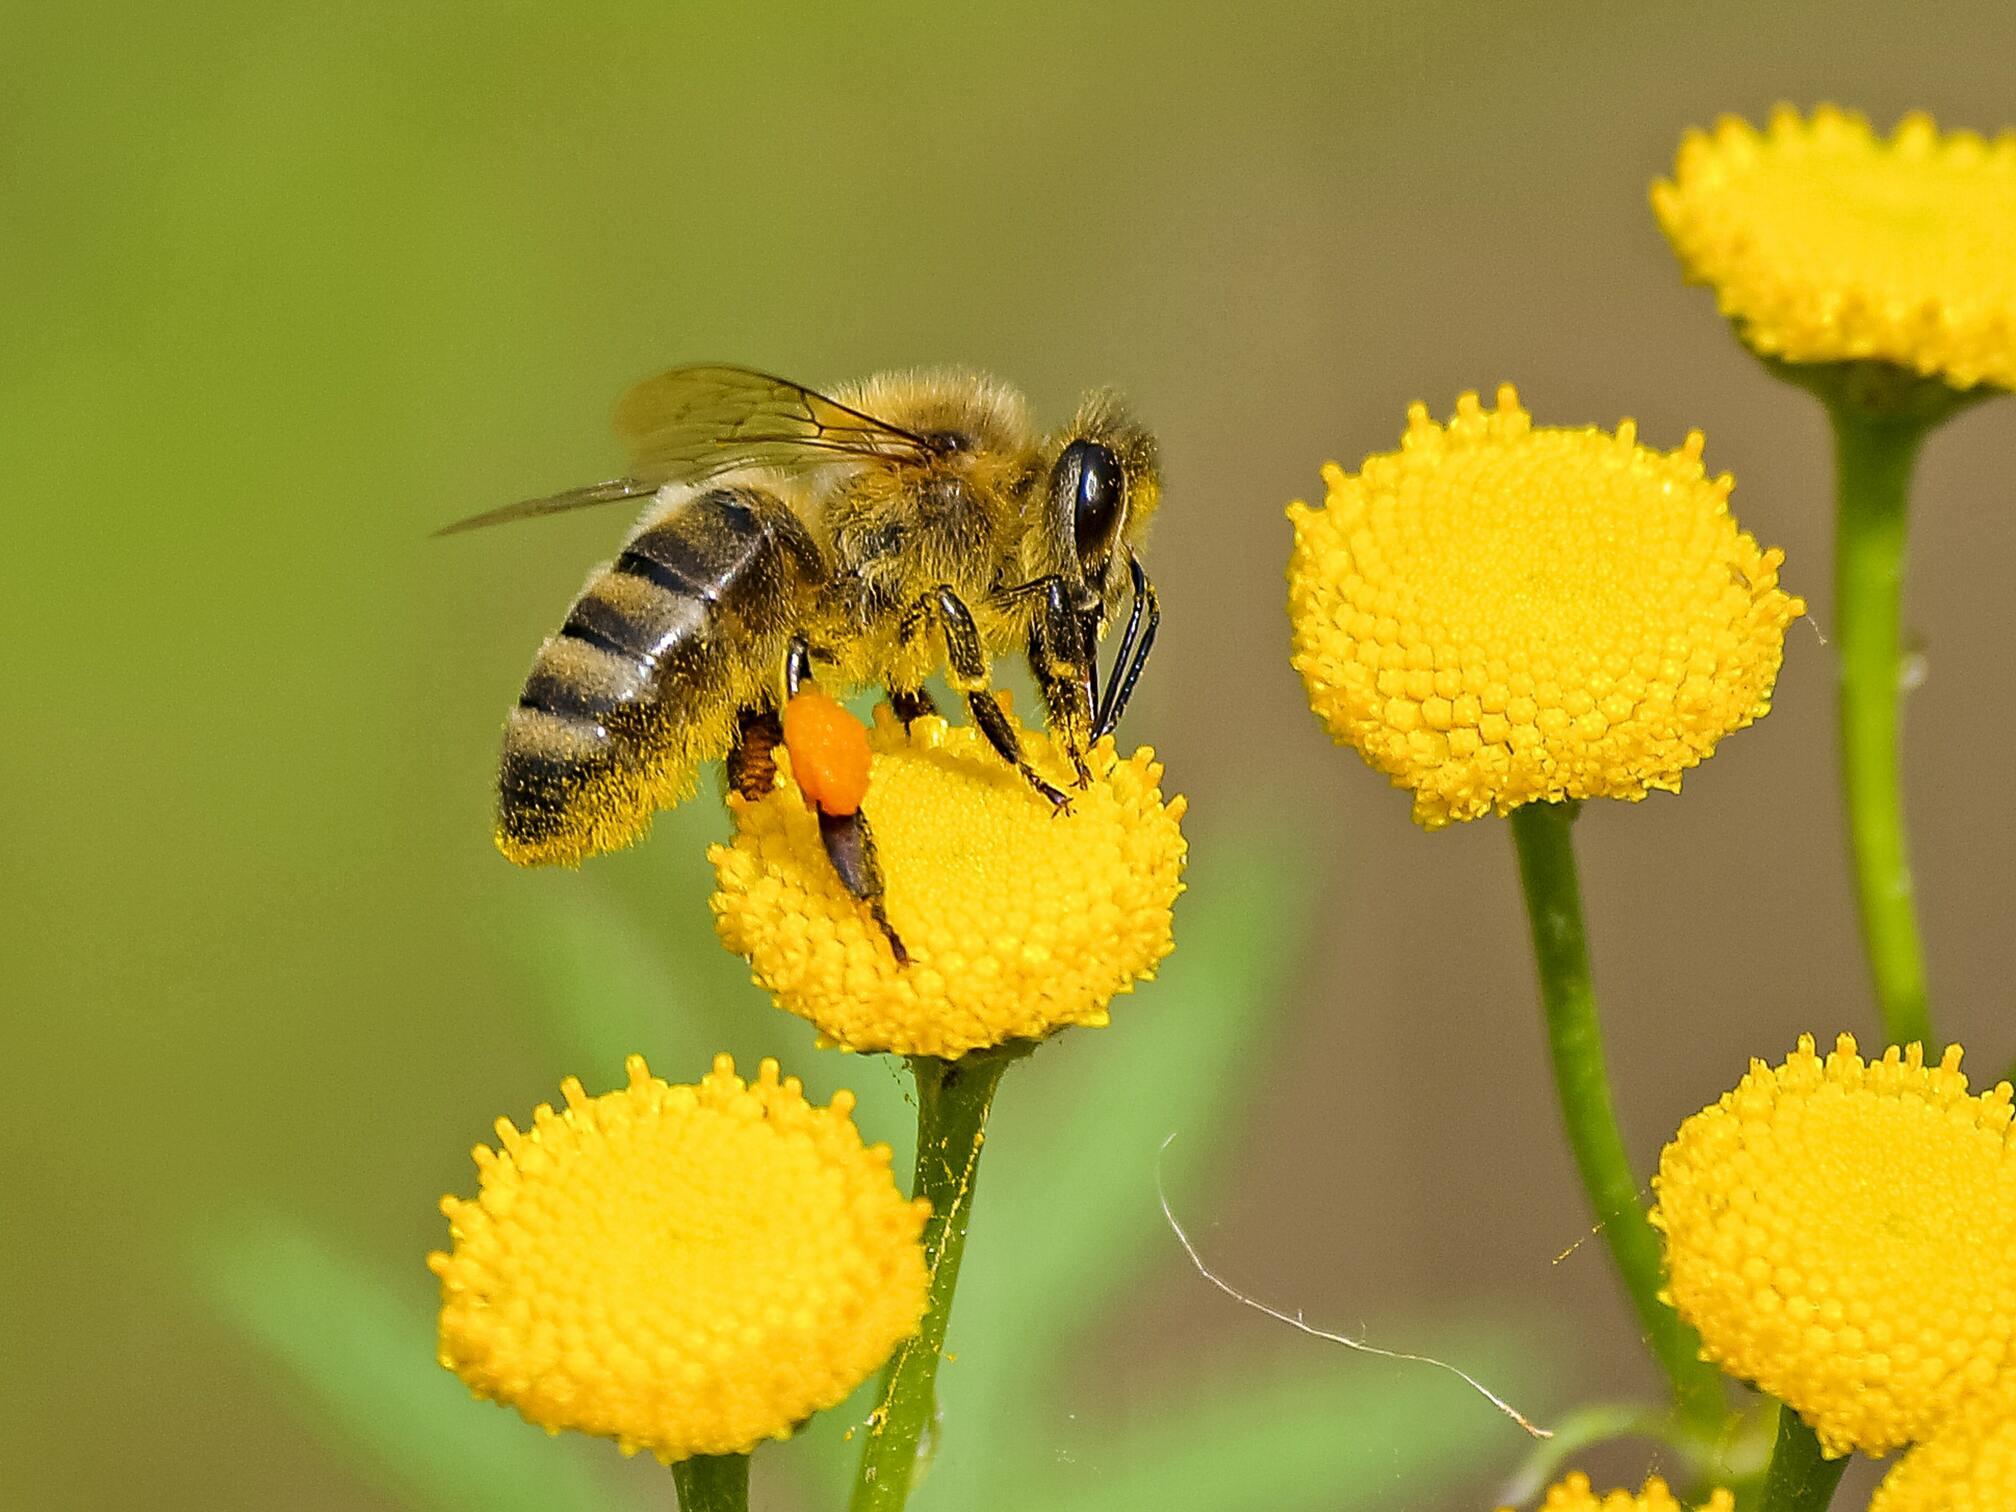 Hình ảnh con con ong vàng đẹp